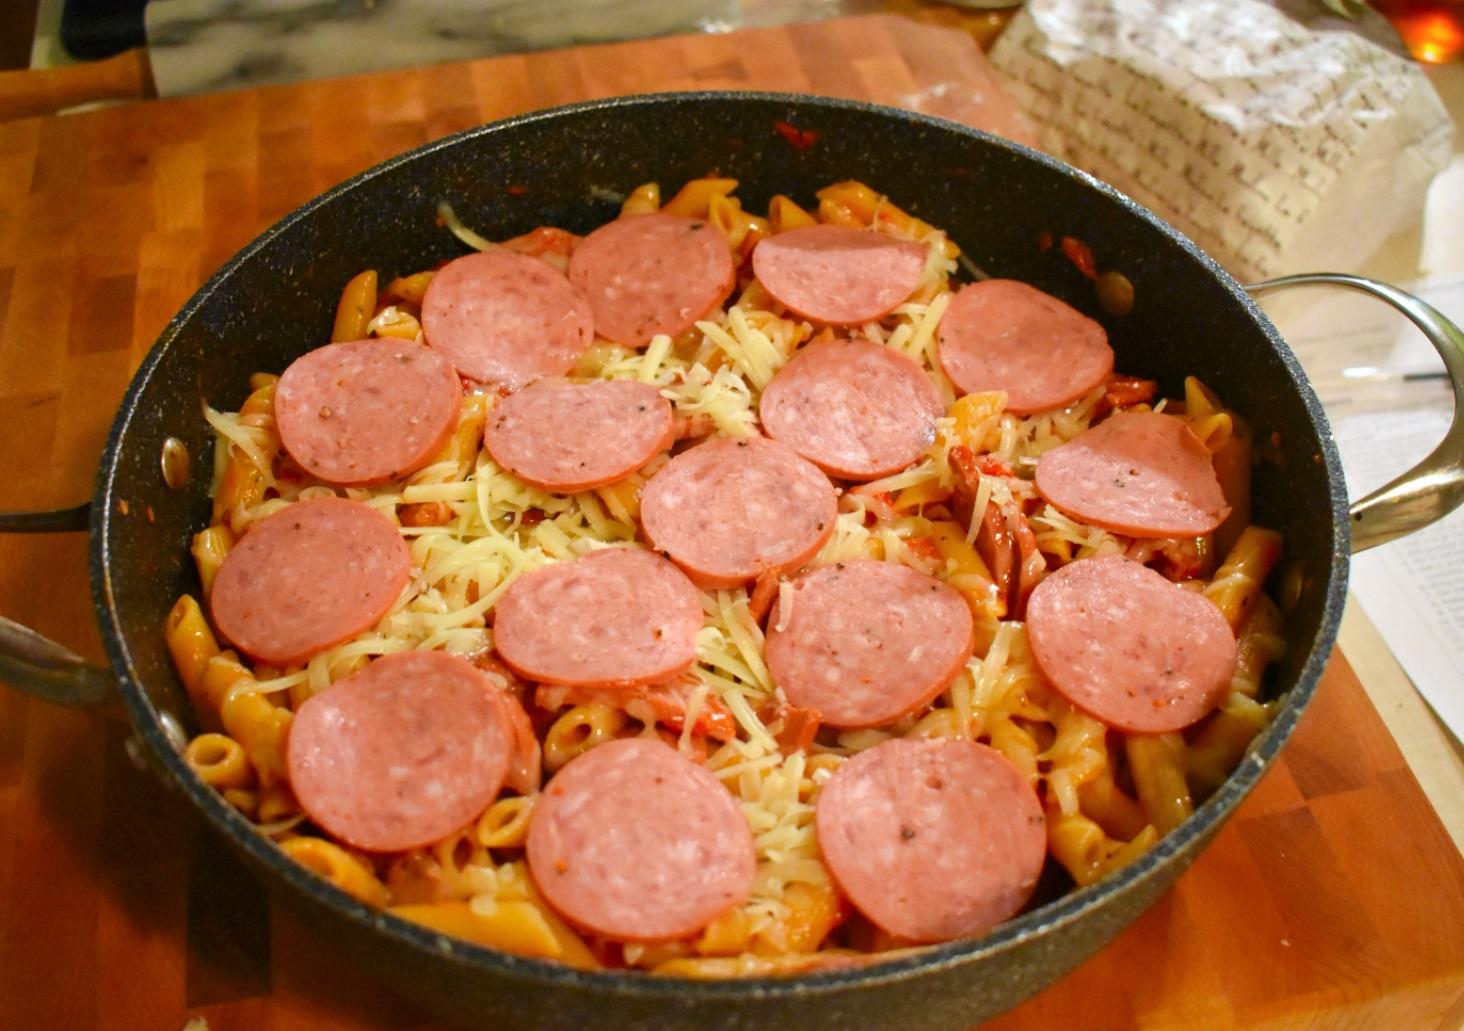 Pâtes à la pizza dans un seul chaudron - Auboutdelalangue.com (6)